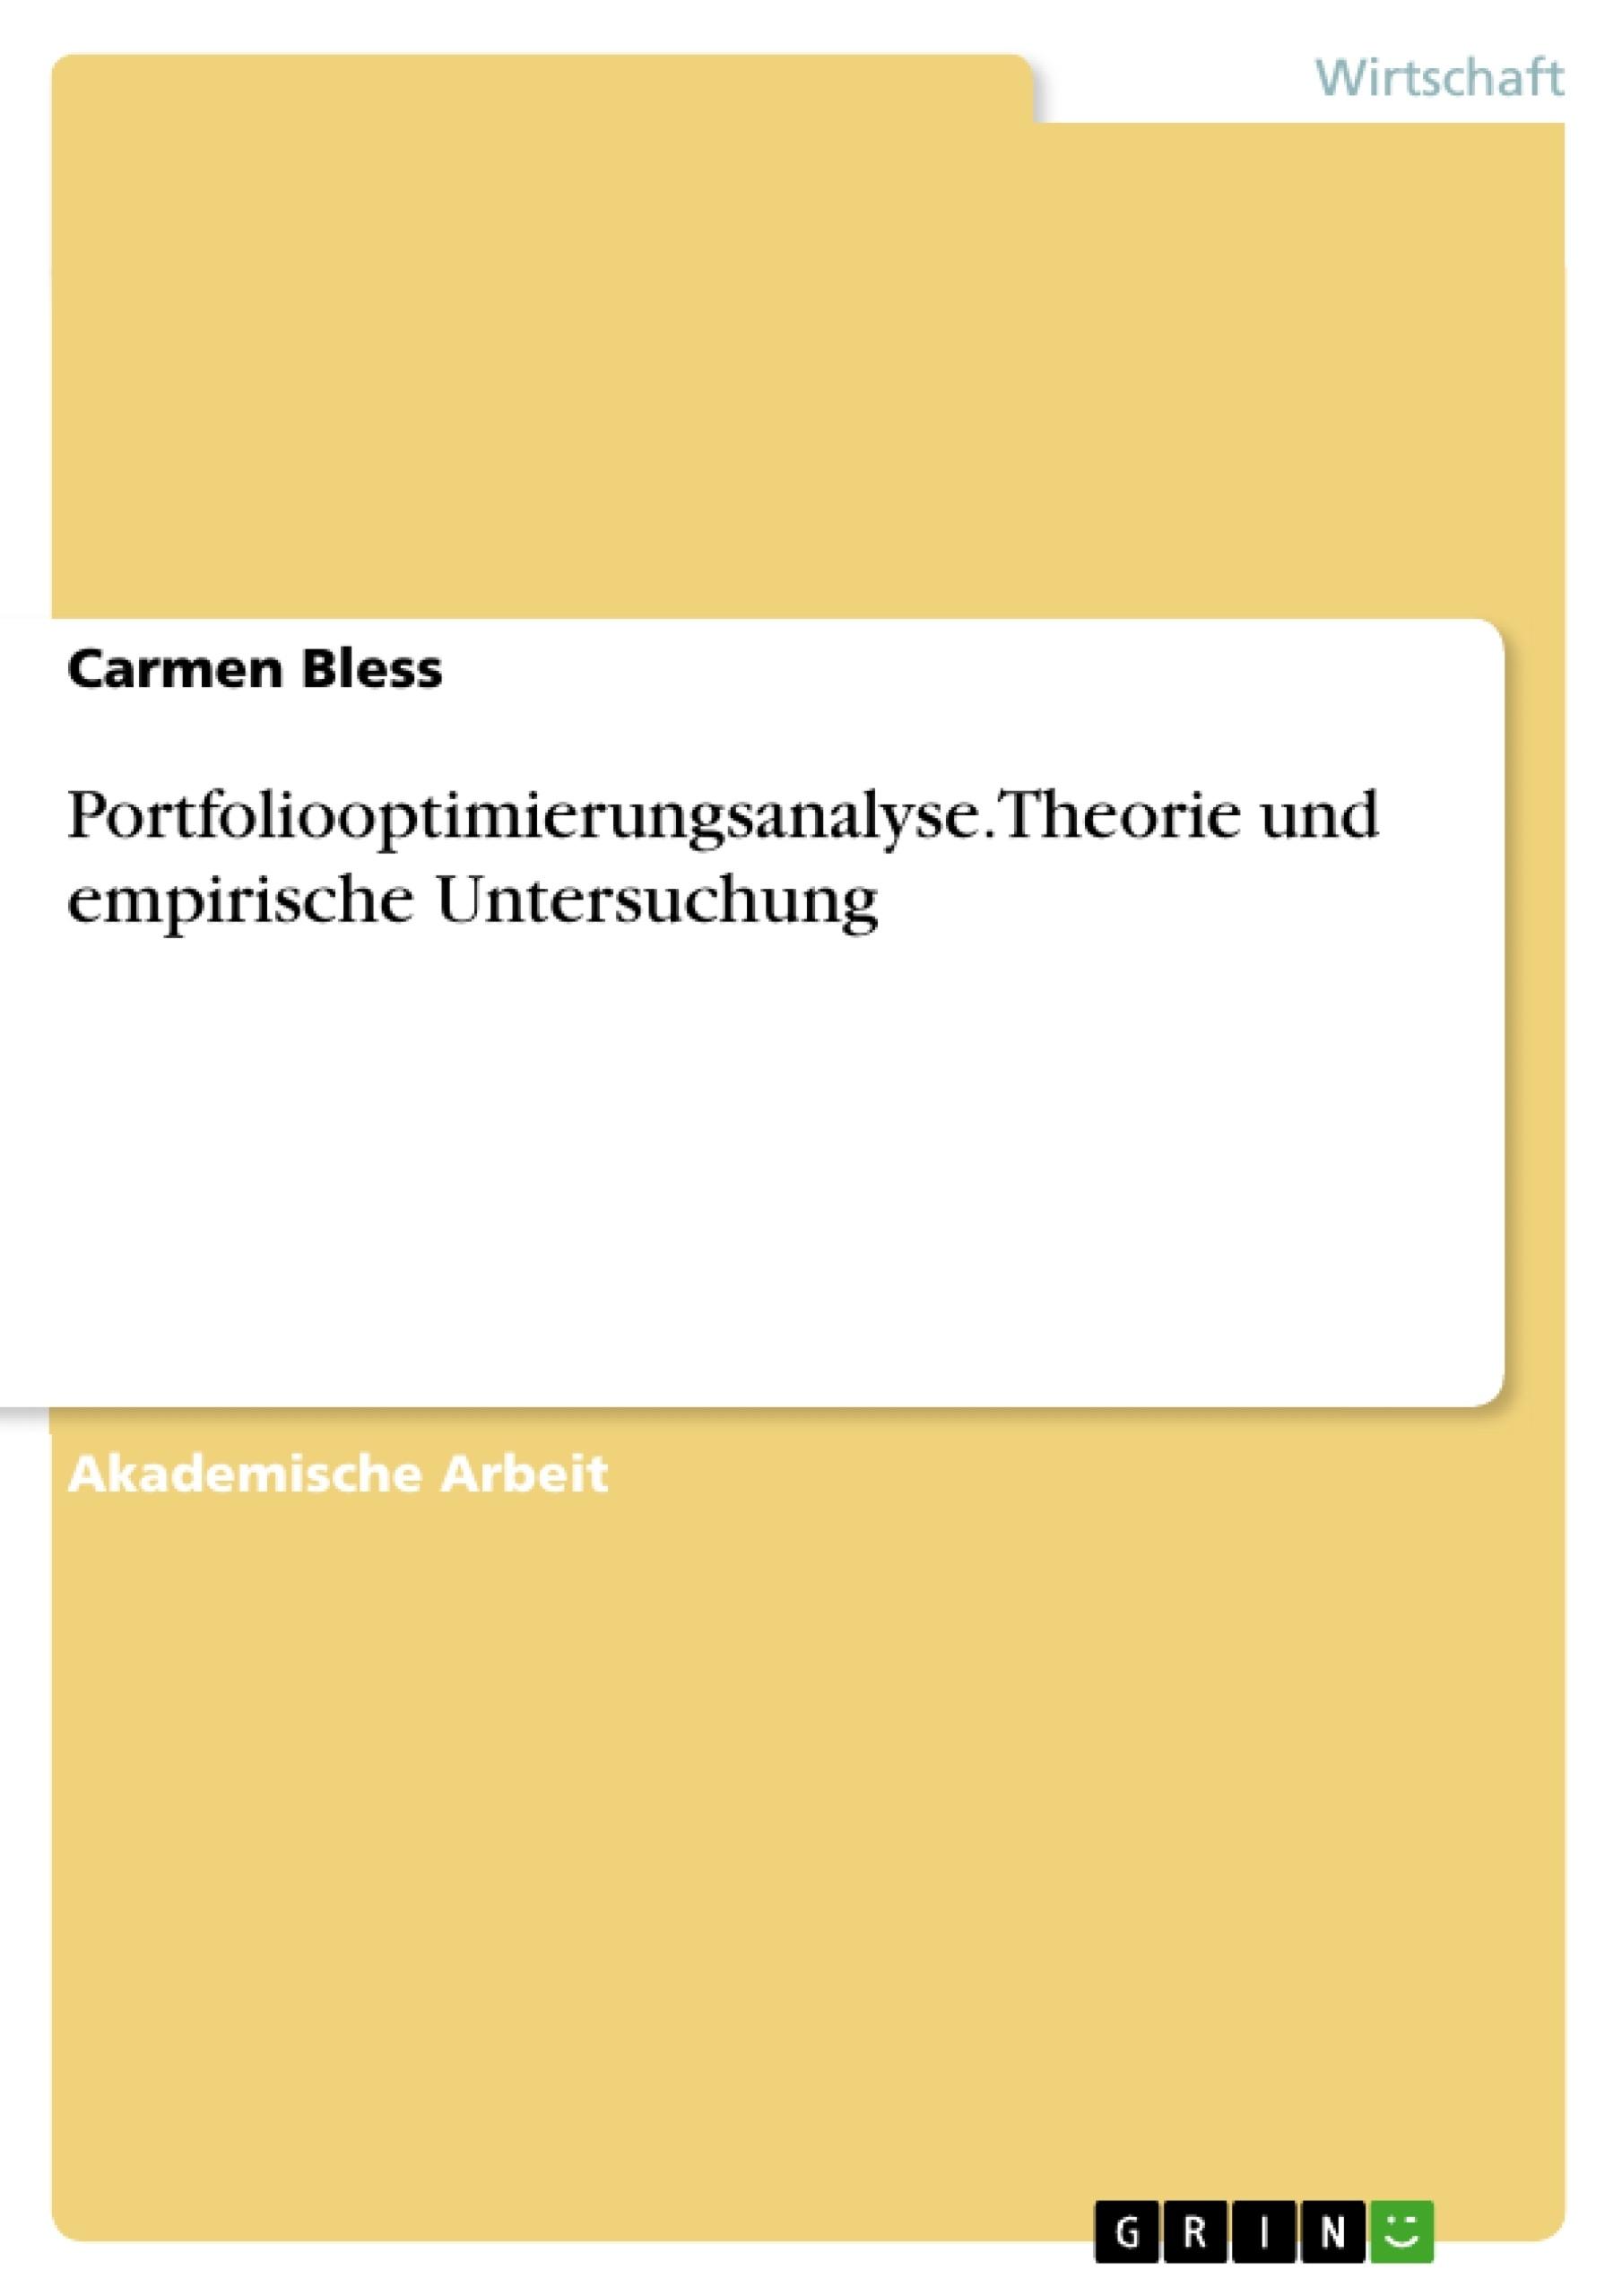 Titel: Portfoliooptimierungsanalyse. Theorie und empirische Untersuchung